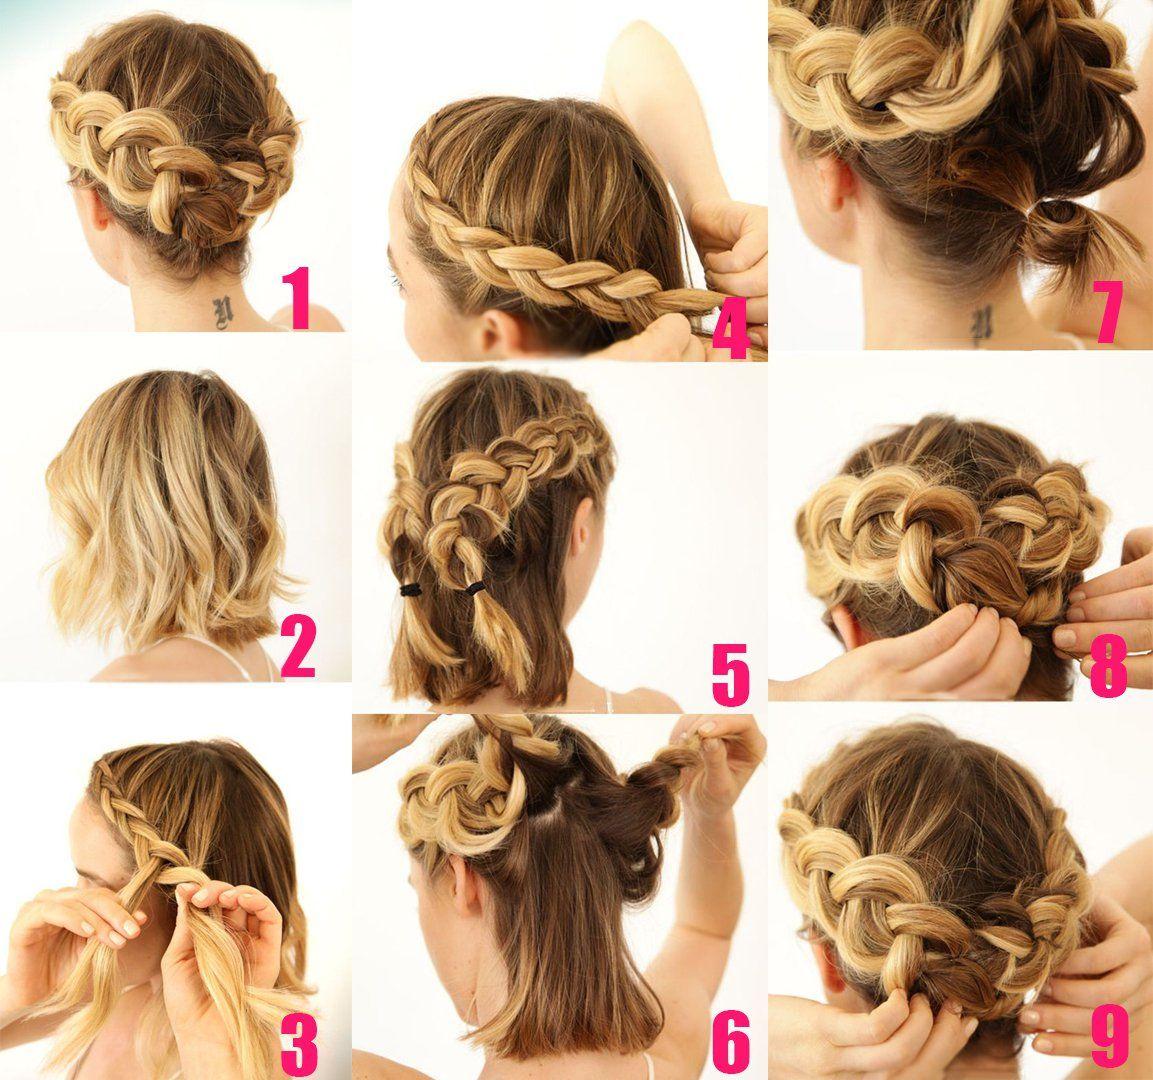 25 Peinados Para Cabello Corto Paso A Paso Bonitos Faciles Y Rapidos De Hacer Peinados Faciles Pelo Corto Peinados Para Melena Peinados Pelo Corto